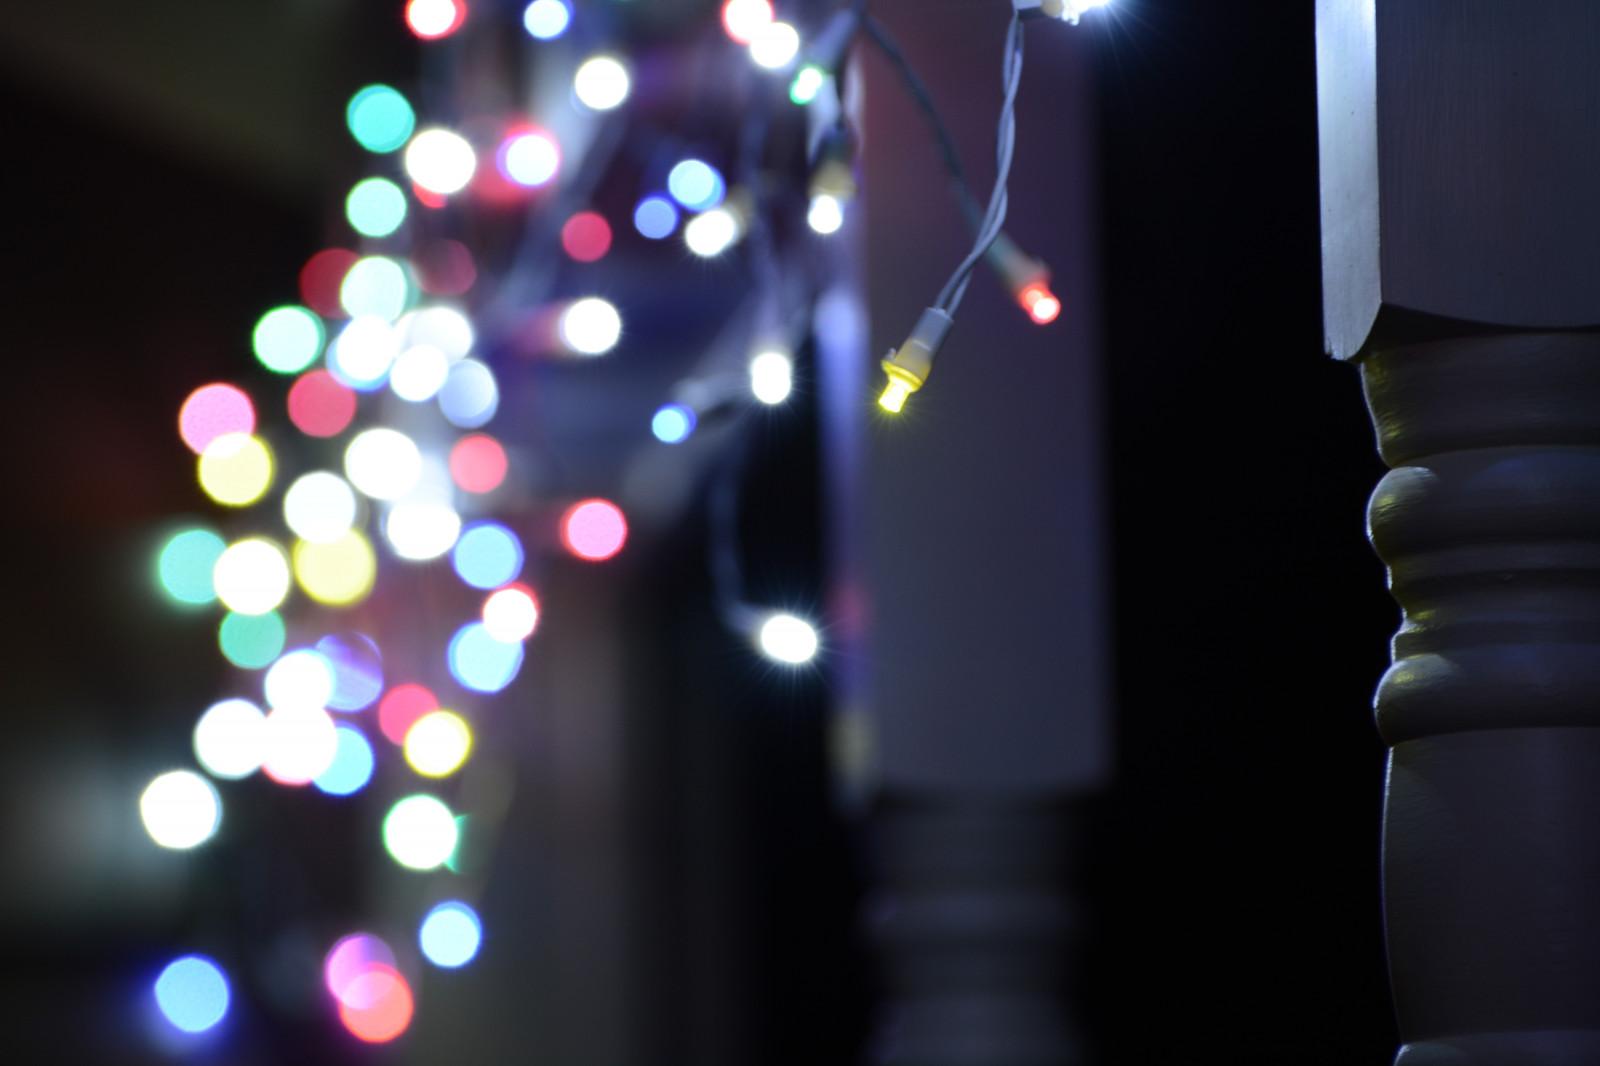 Decorazioni Luminose Natalizie : Sfondi : notte rosso verde blu vacanza luci di natale luminosa